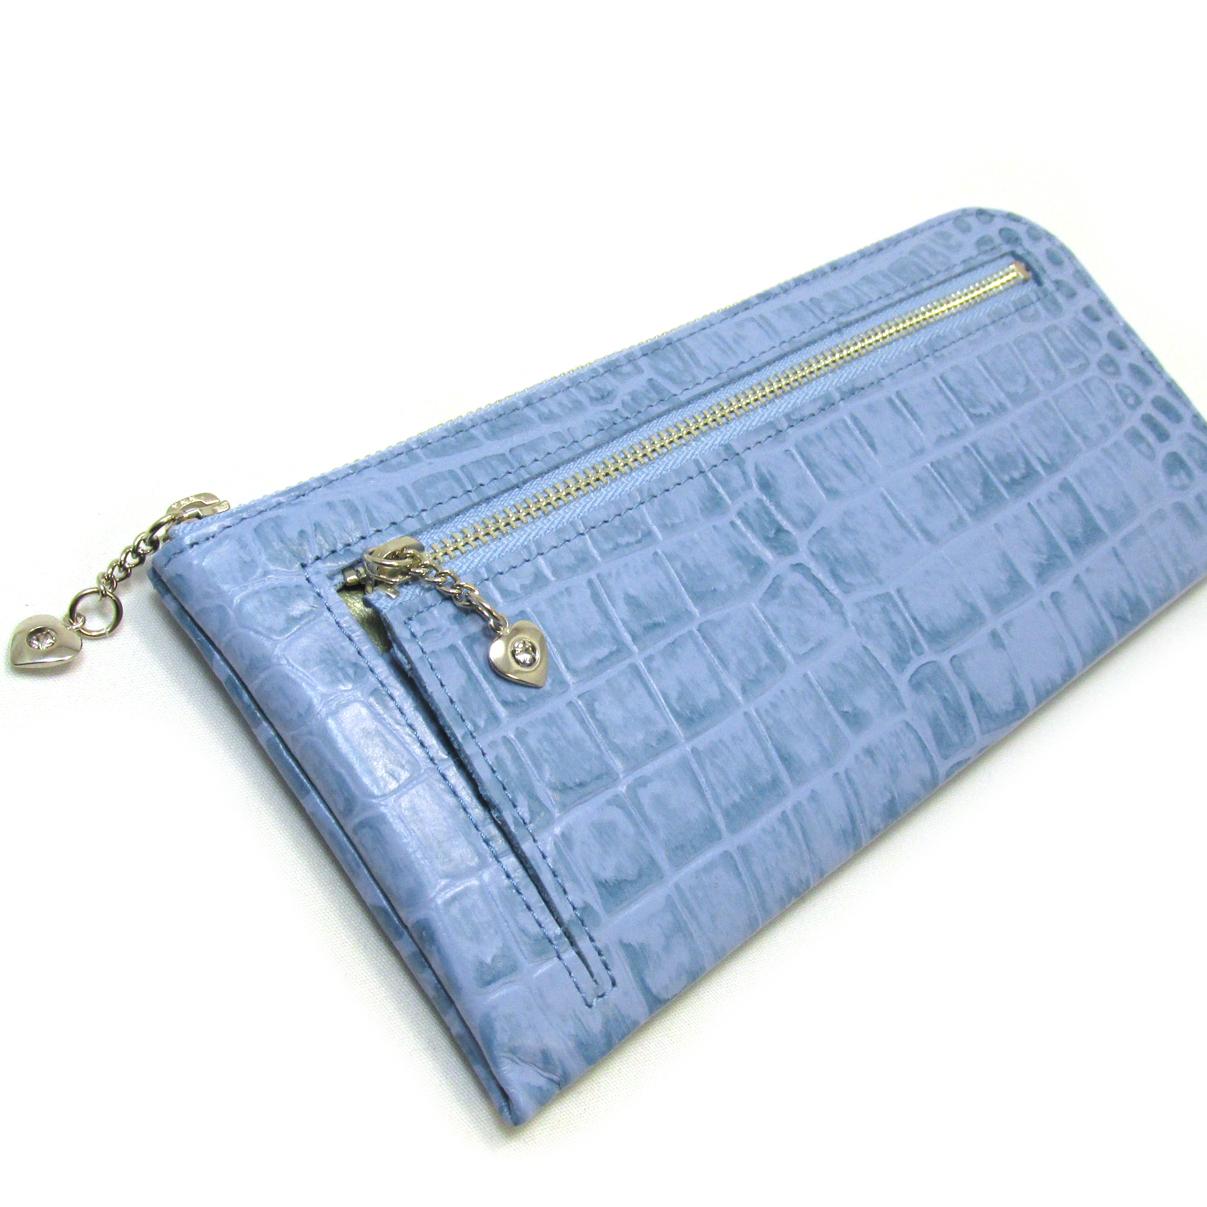 《ビージュエルド》クロコ型押し薄型長財布・キラリと輝くスワロフスキー【空色】